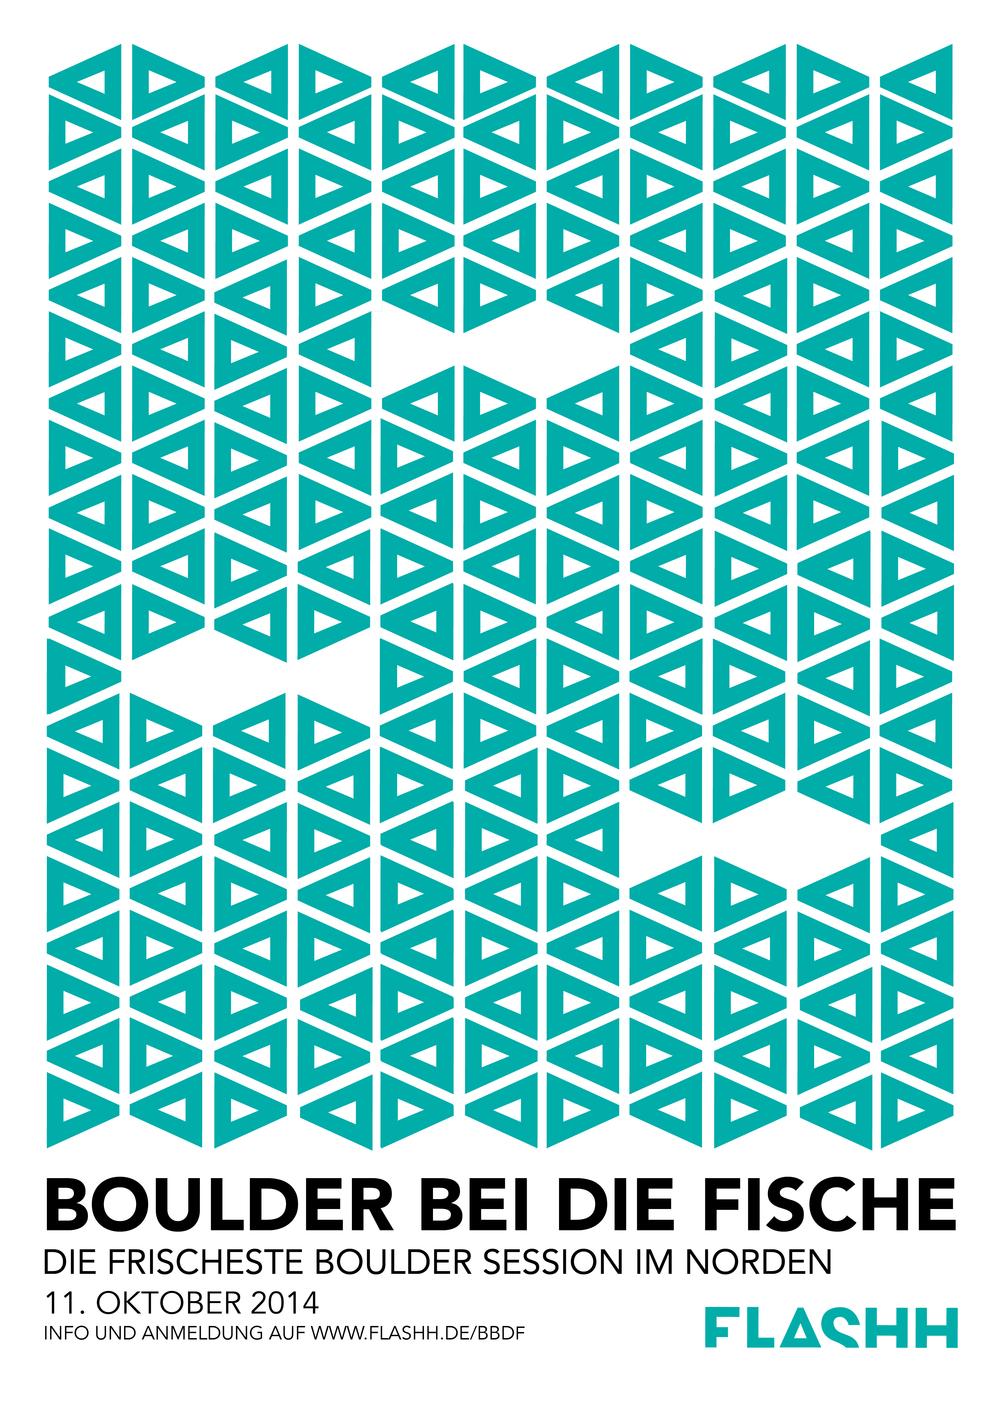 BoulderBeiDieFische.jpg